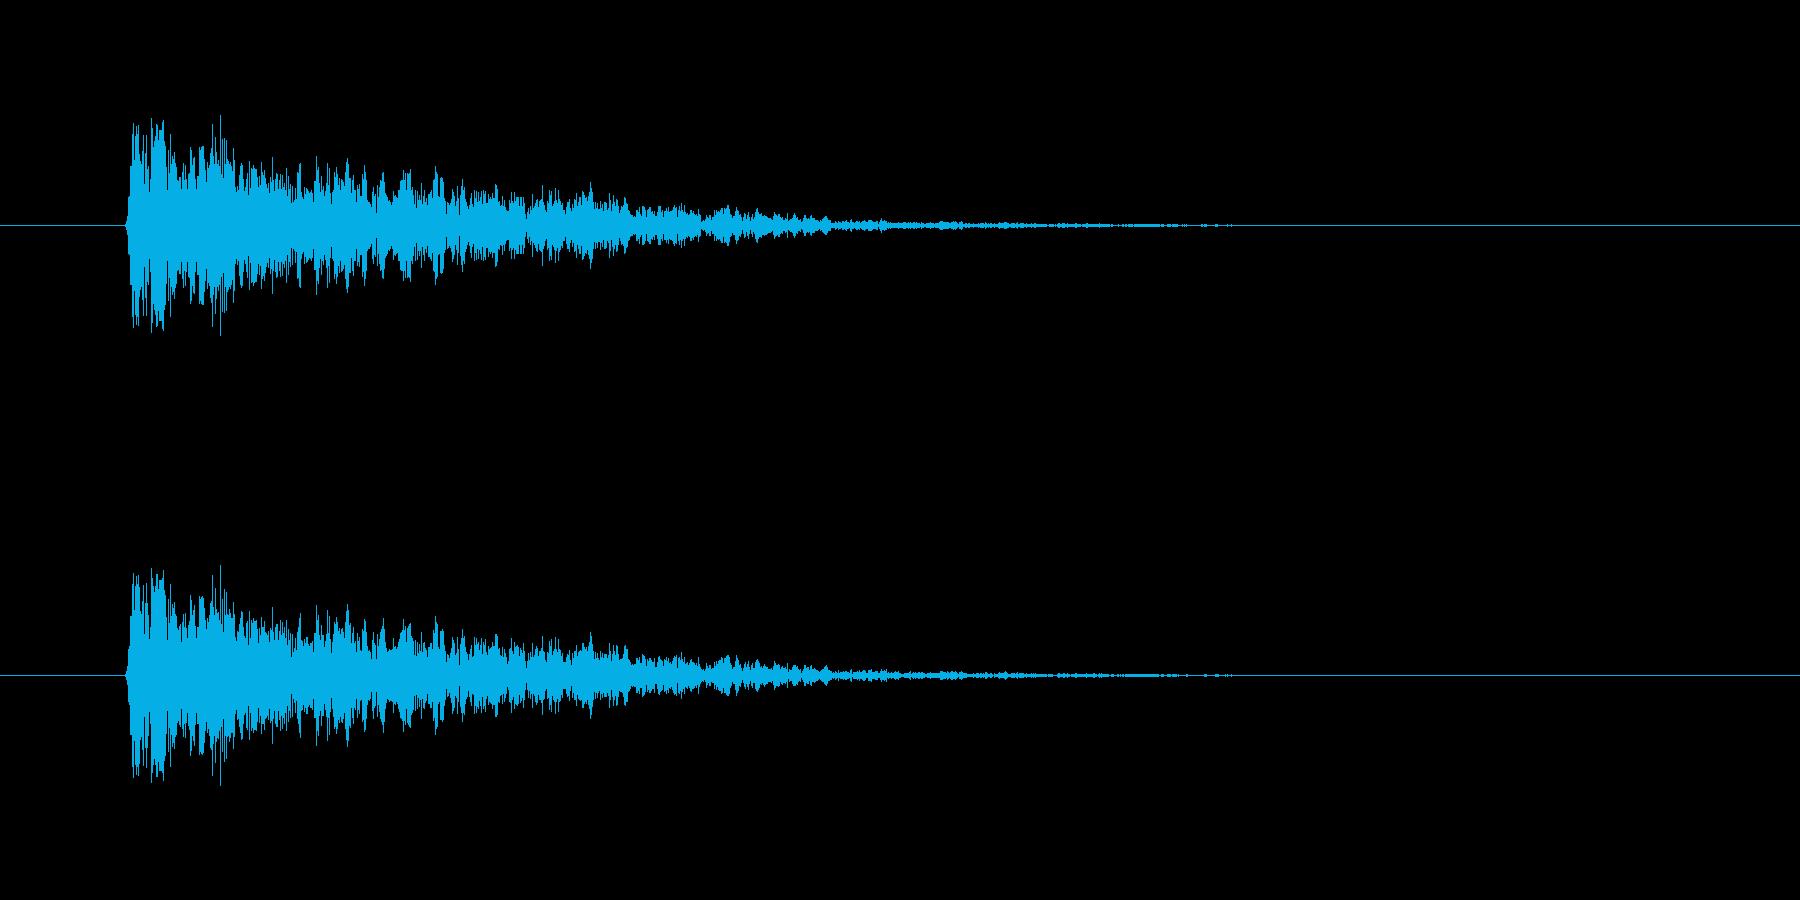 【ネガティブ02-1】の再生済みの波形